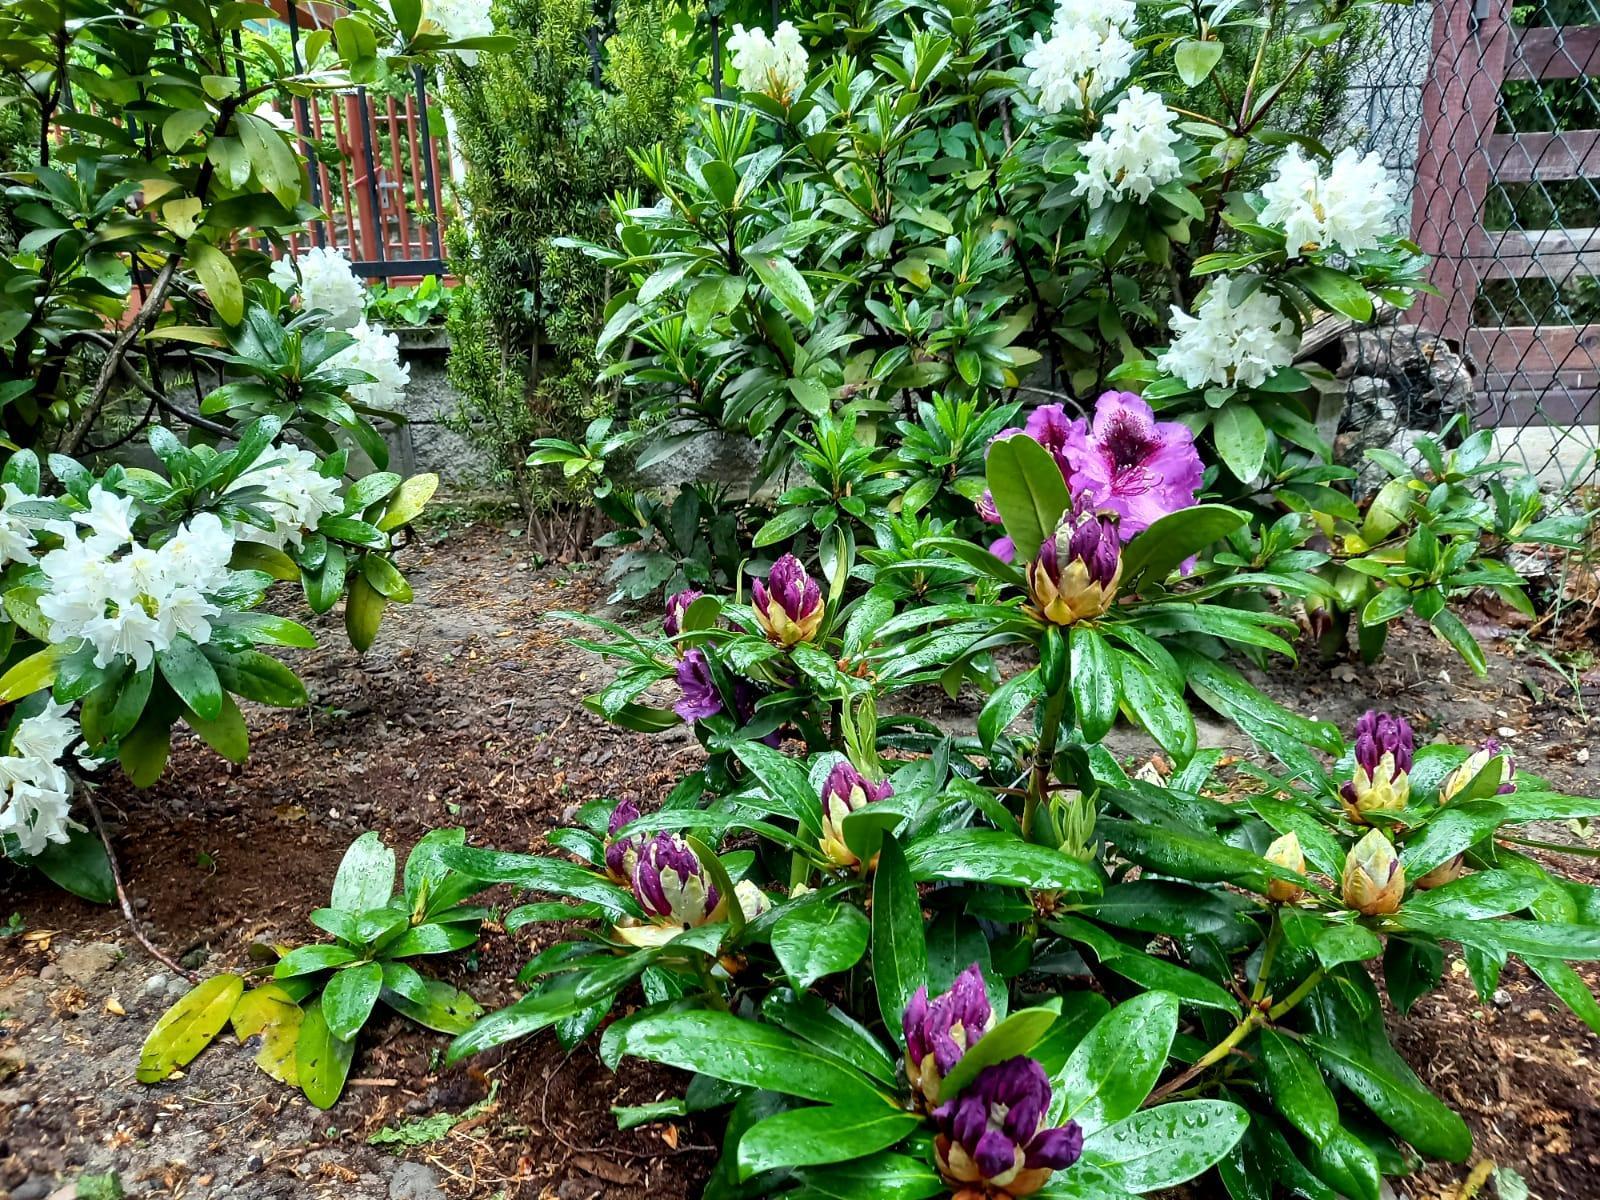 Môj malý kúsok raja😊 - Ku skupinke bielych rododendronov som tento rok pridala nový a krásne prekvapil fialovou farbou😍